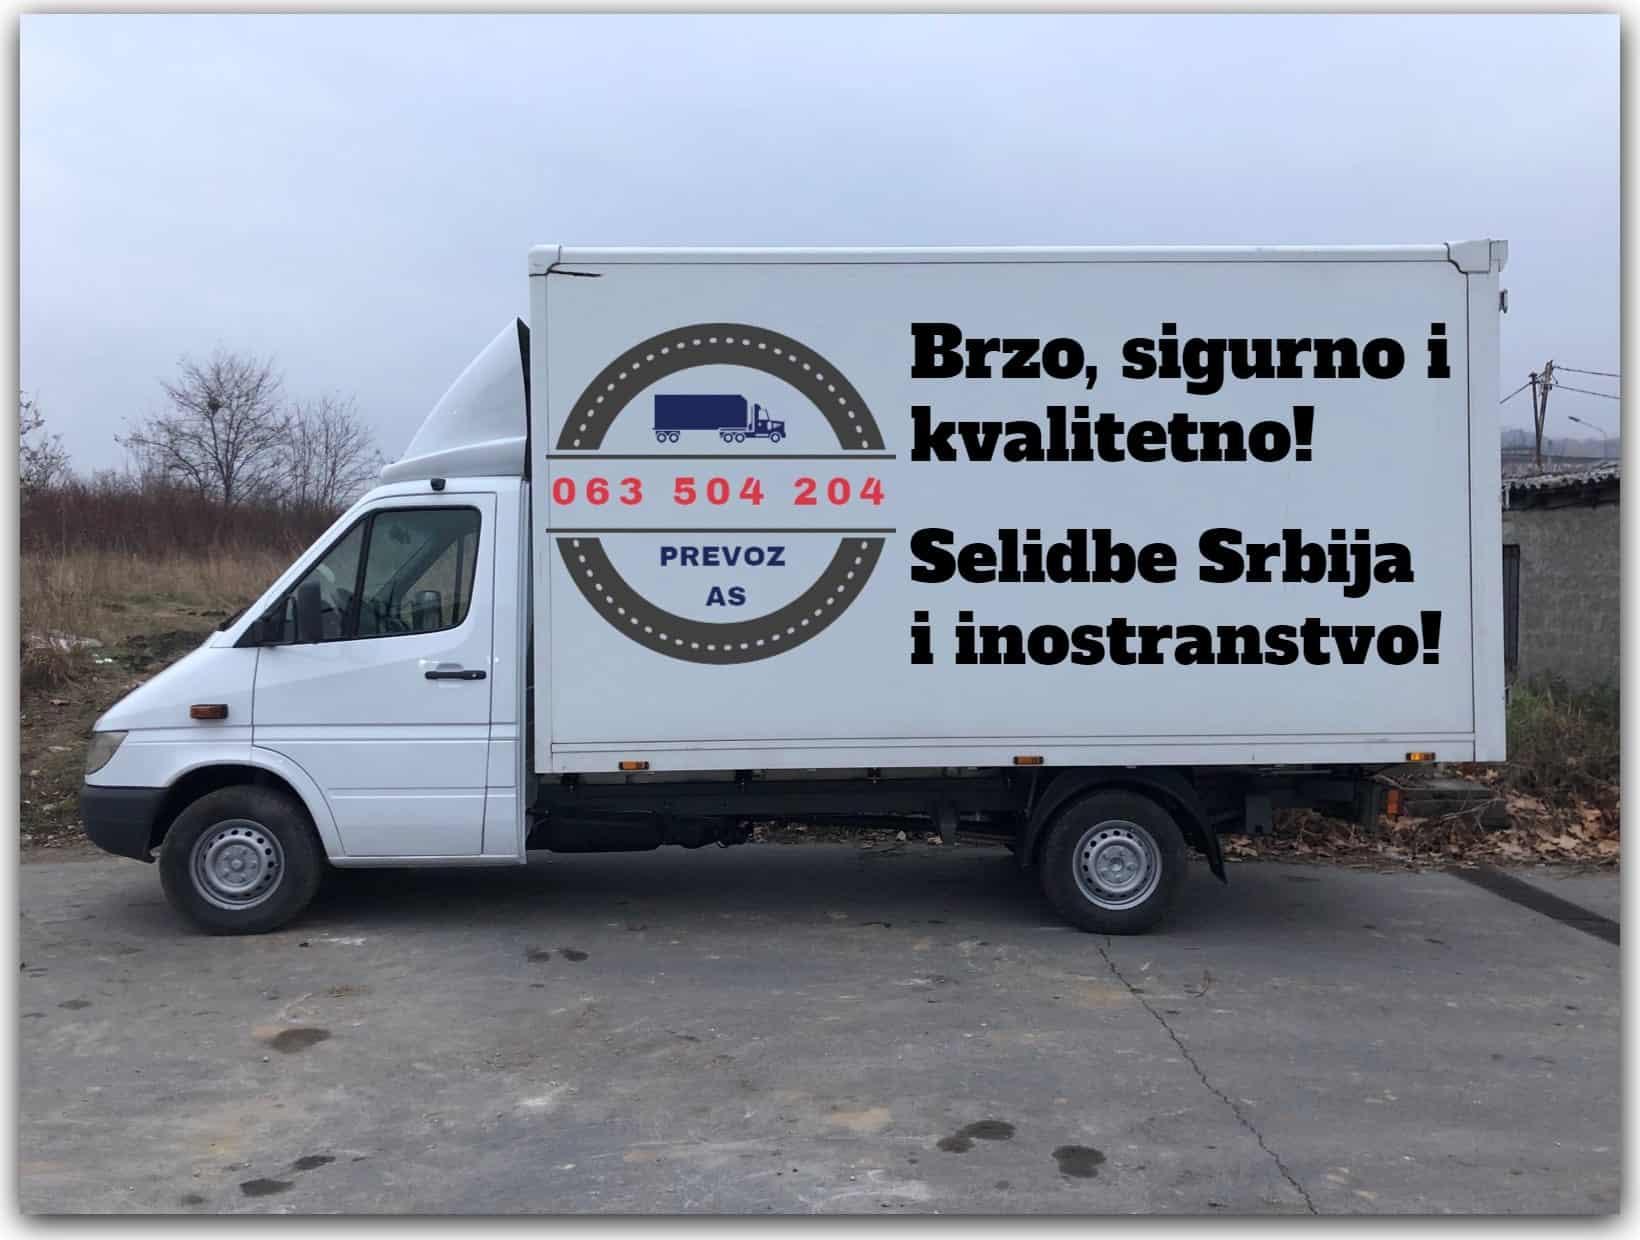 selidbe srbija i inostranstvo